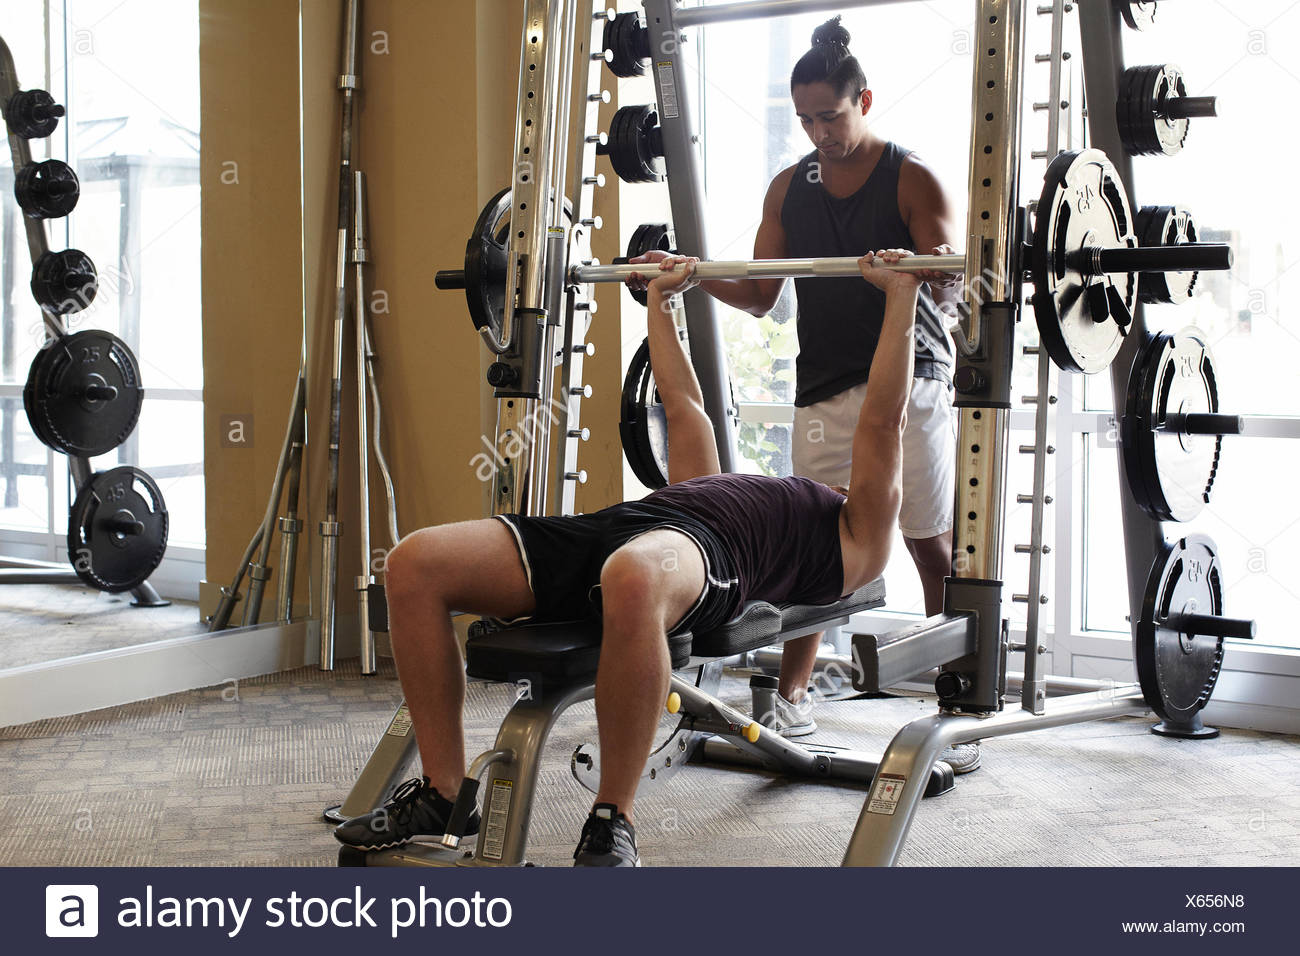 Les amis de sport en haltérophilie Photo Stock